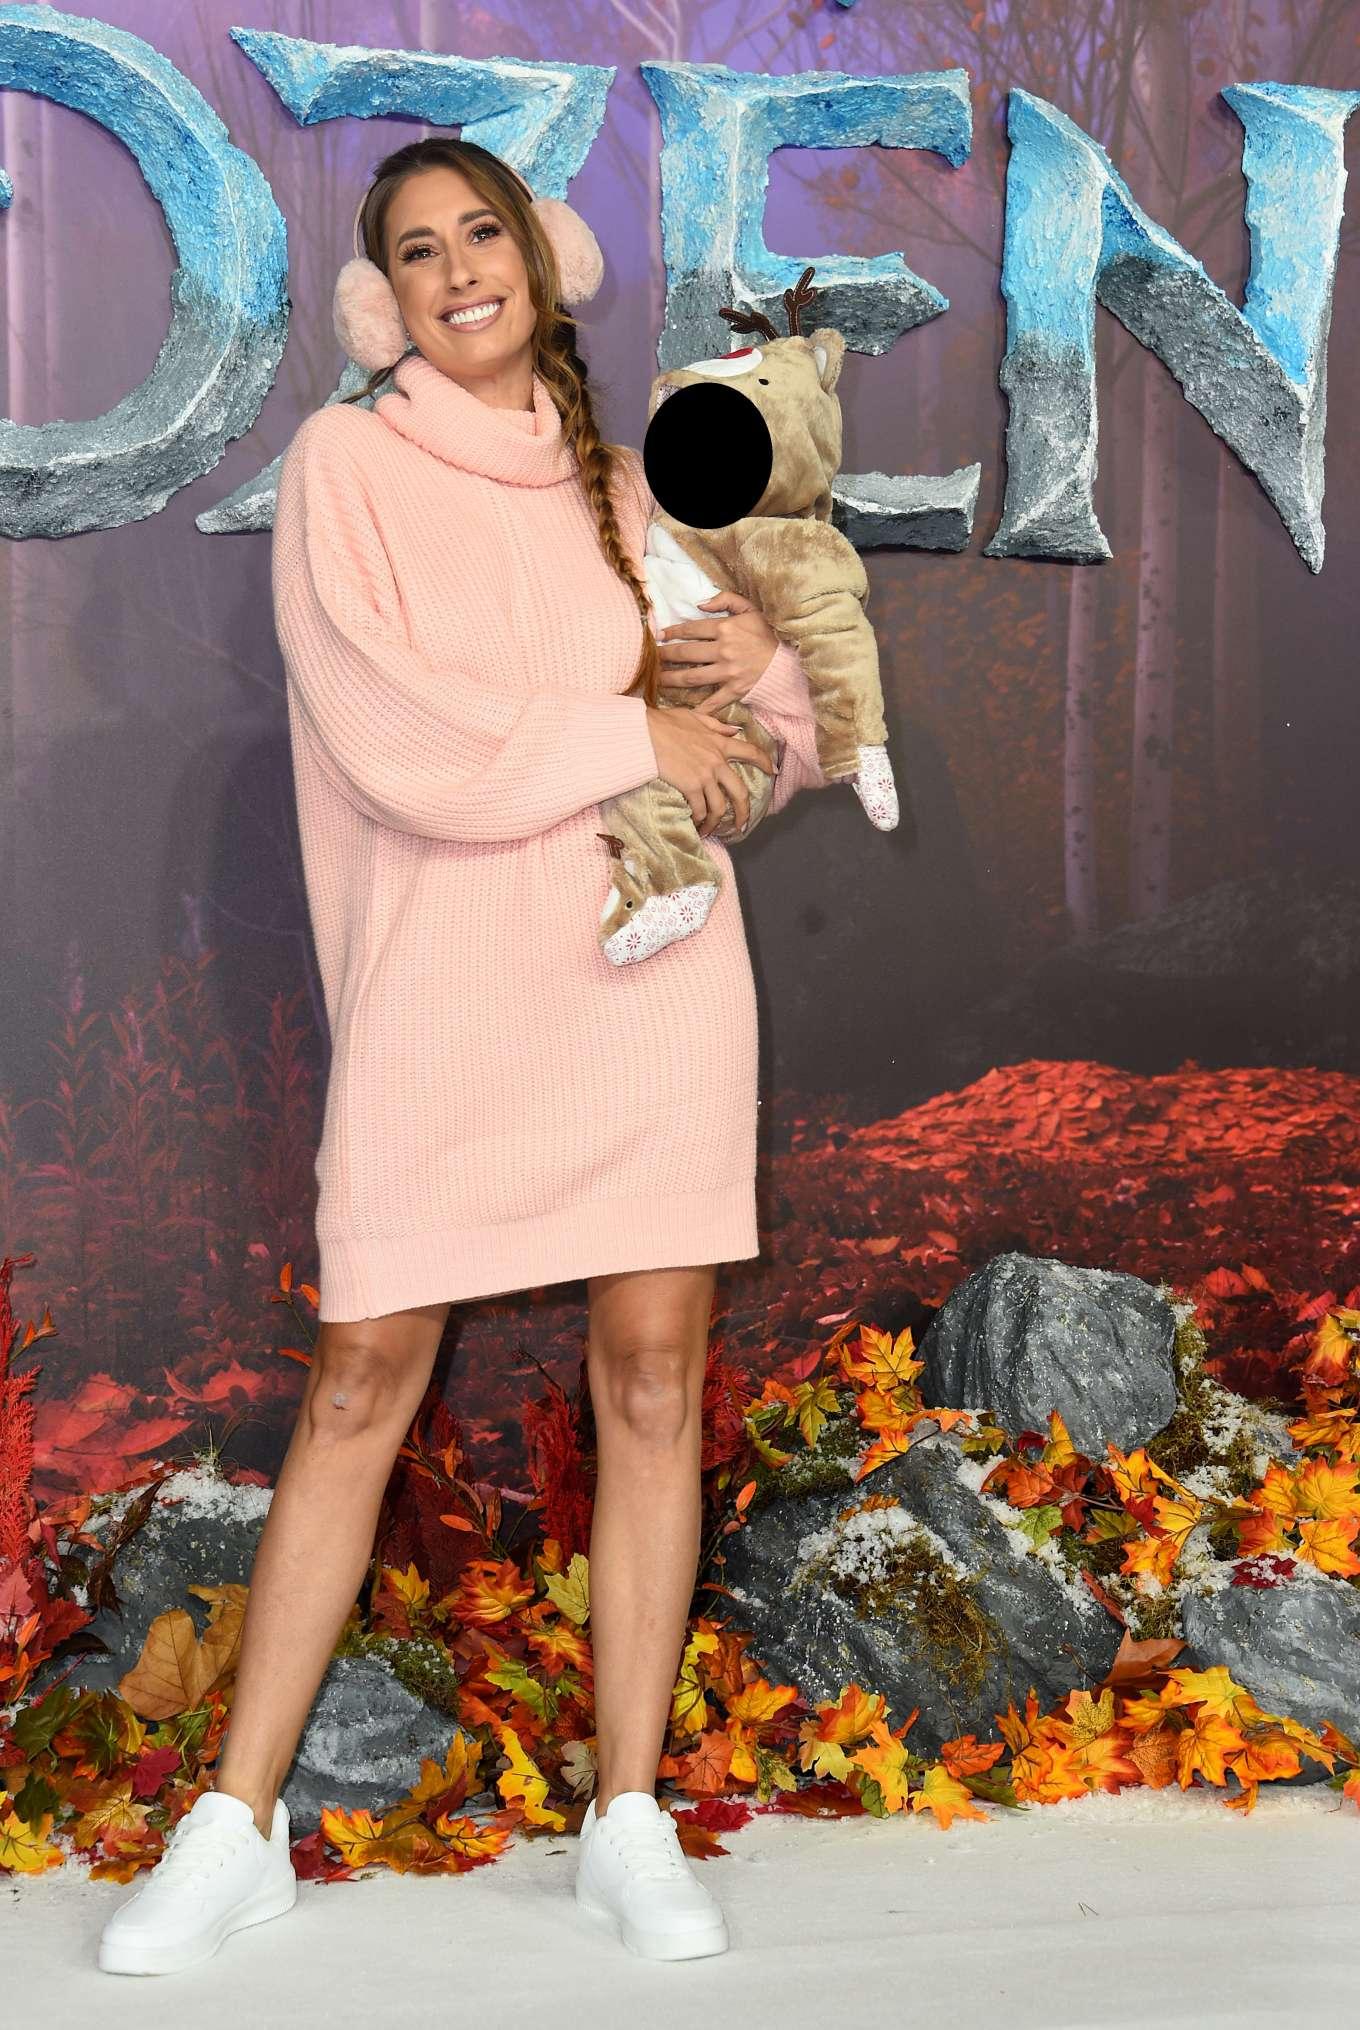 Stacey Solomon - 'Frozen 2' Premiere in London